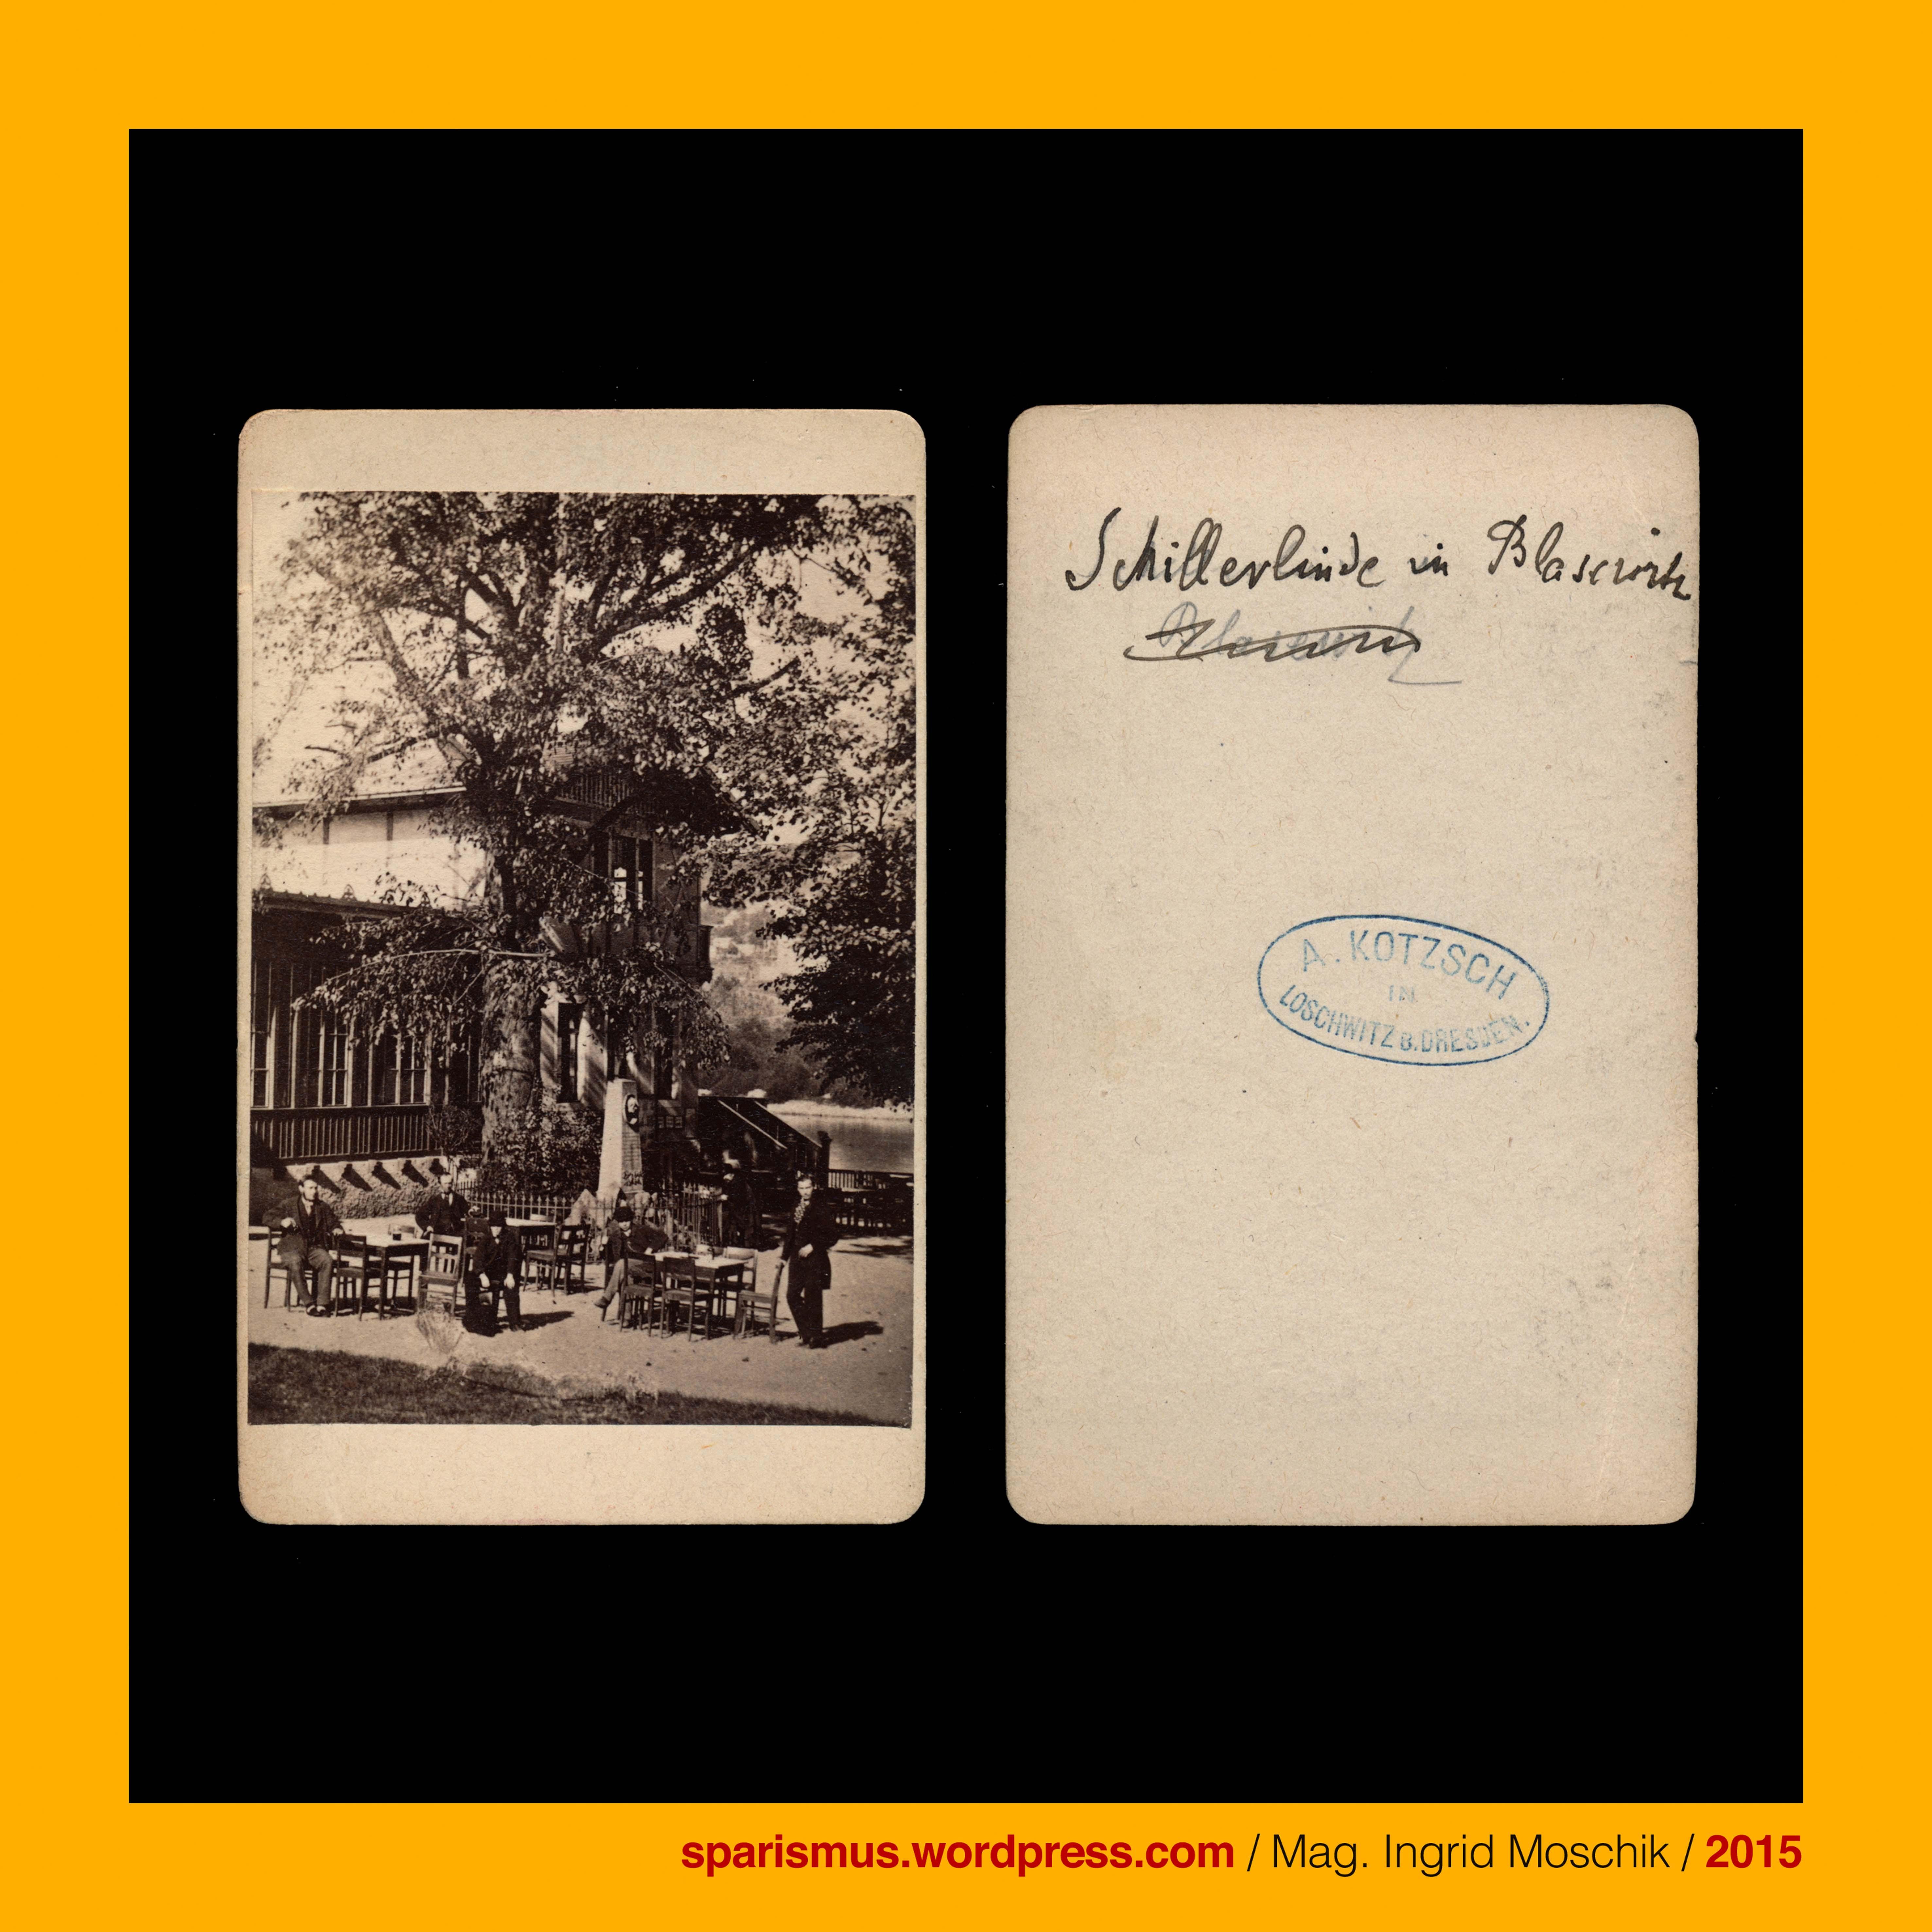 Frankreich & Kolonien Europa Juni 6 1906 Schöne Frankreich Gewerblicher Abdeckung Wiesbaden Deutschland Anglo